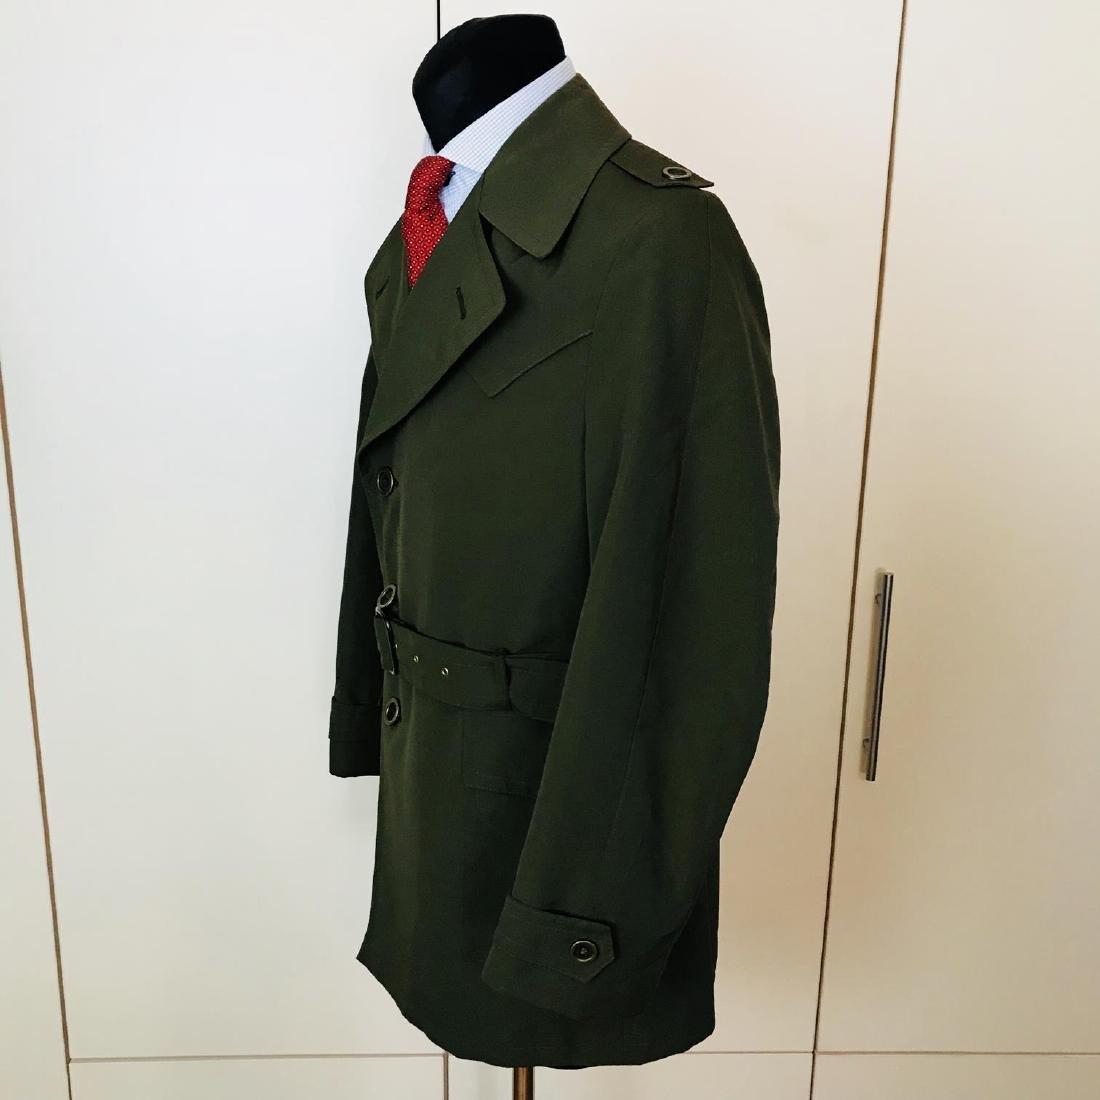 Vintage Men's Green Trench Coat Size US 38 / EUR 48 - 2